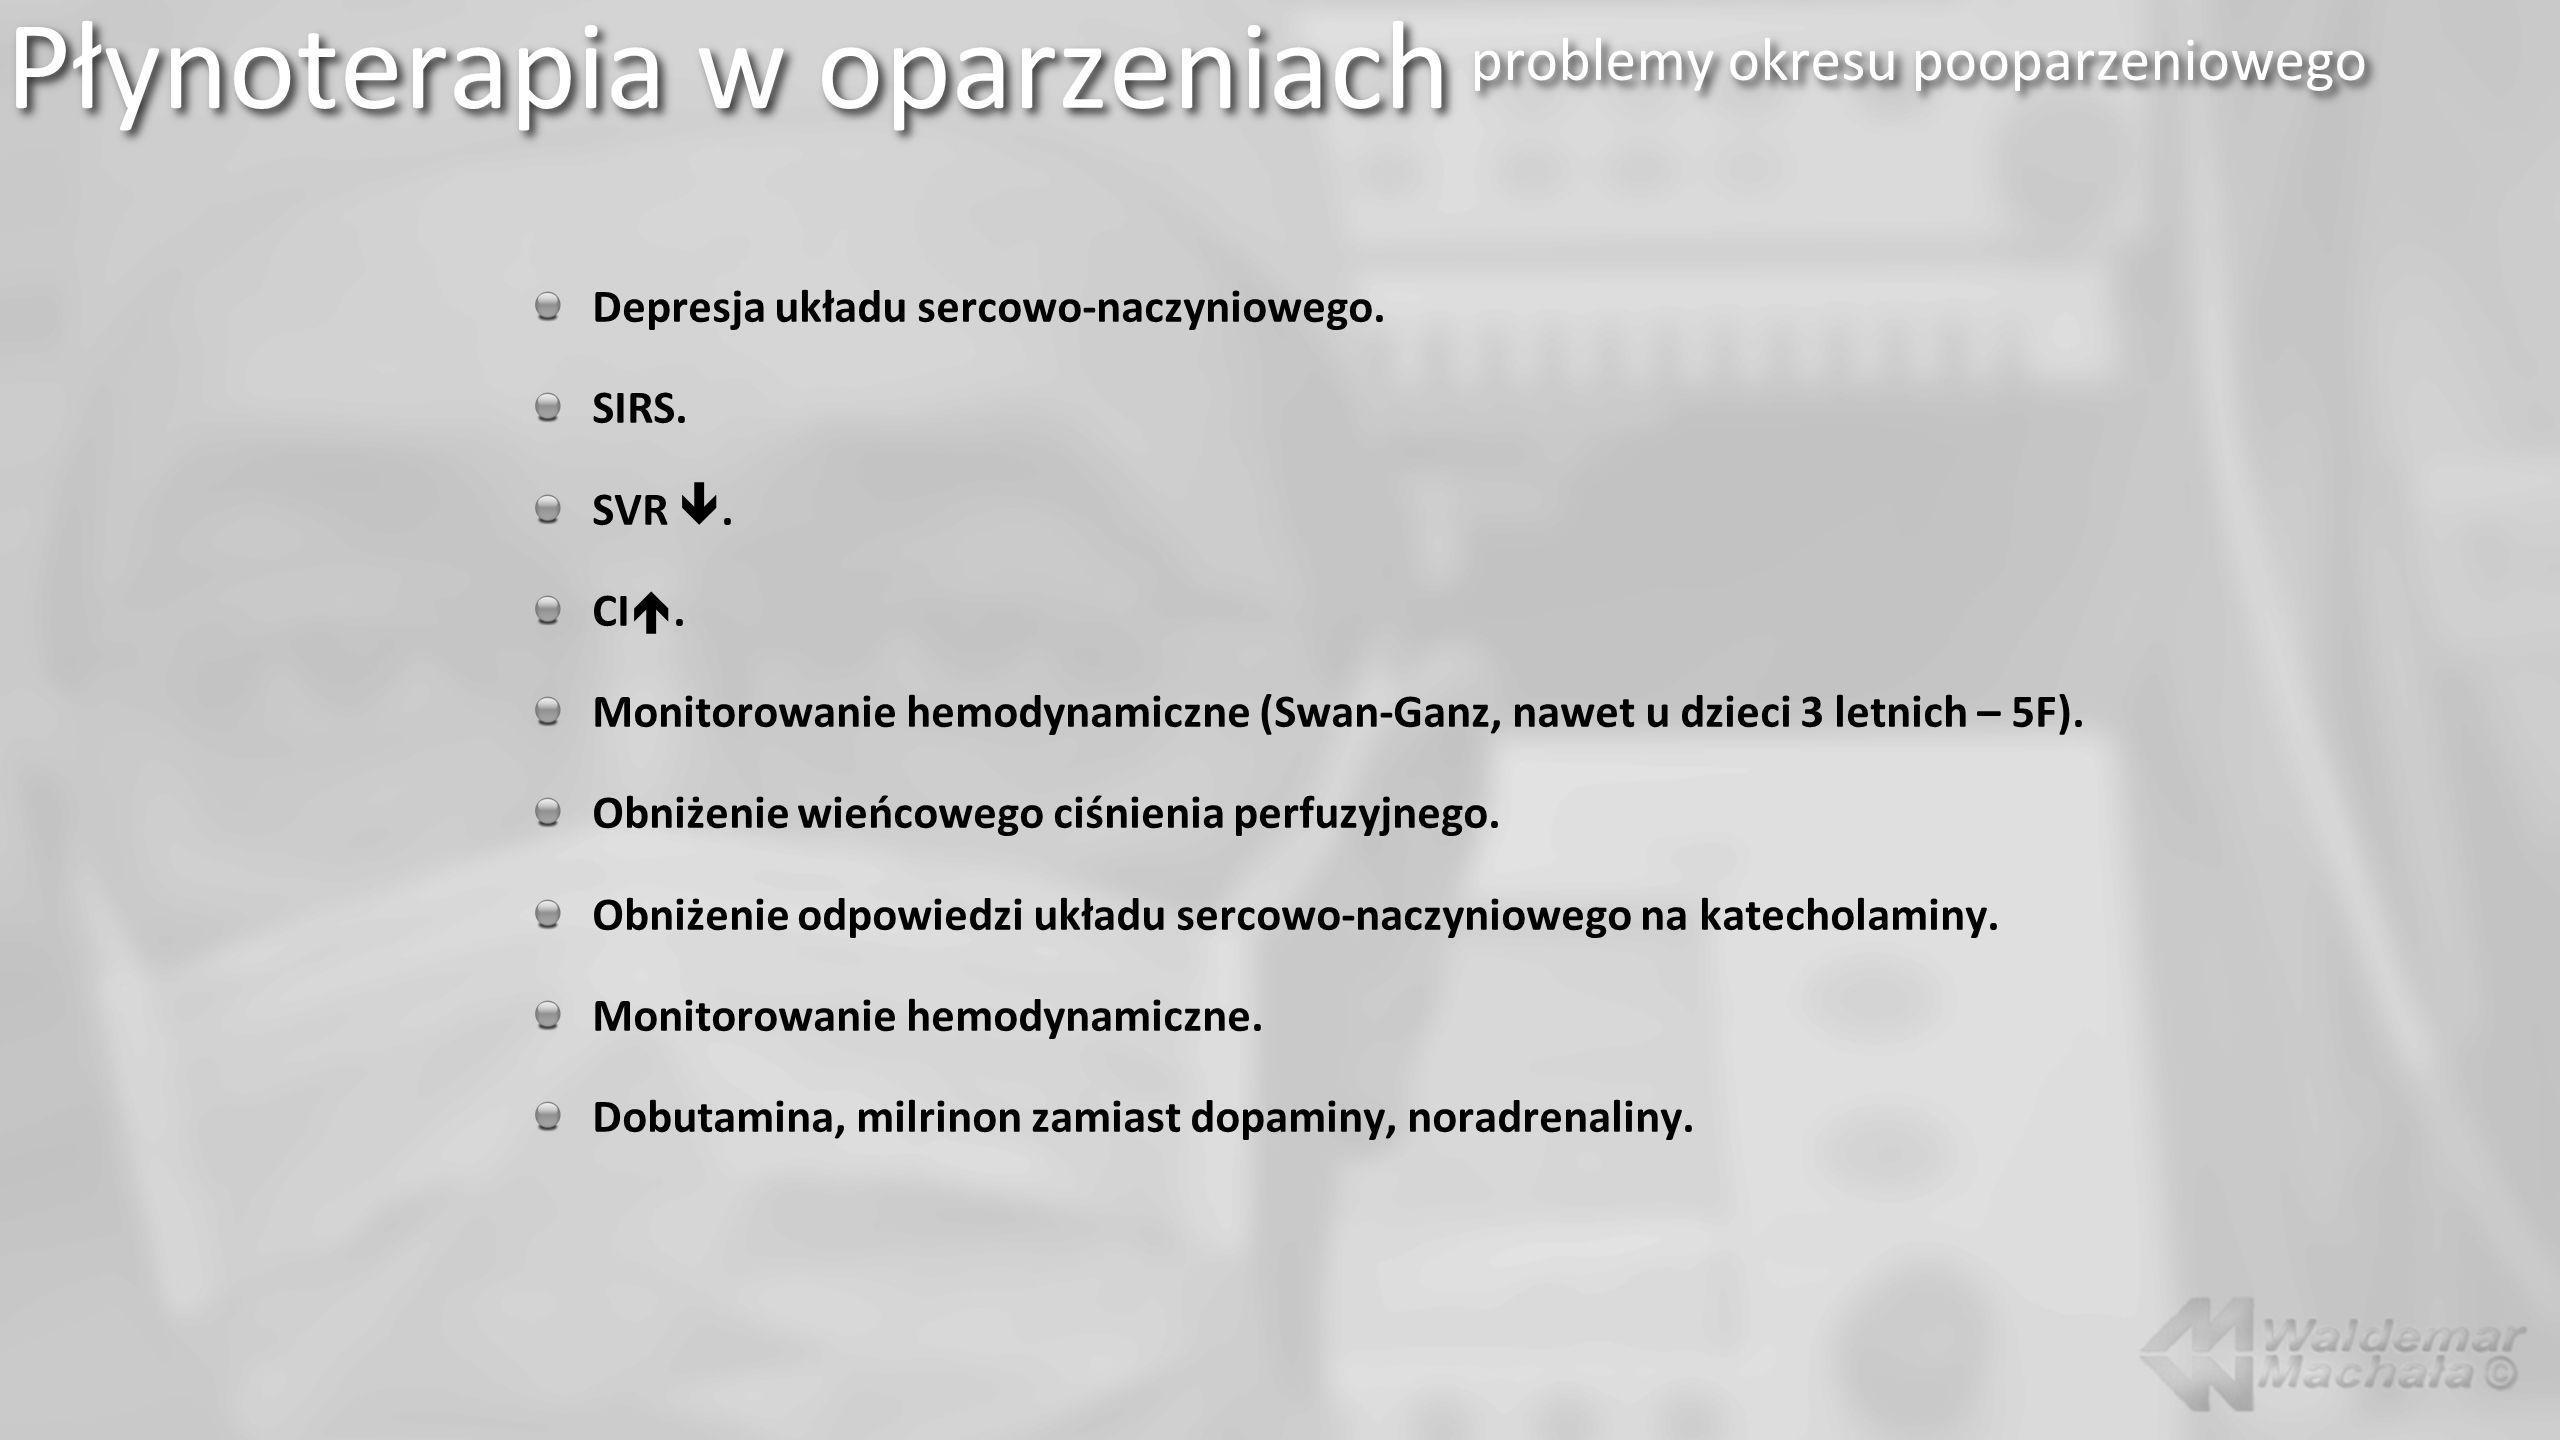 Depresja układu sercowo-naczyniowego.SIRS. SVR. CI.